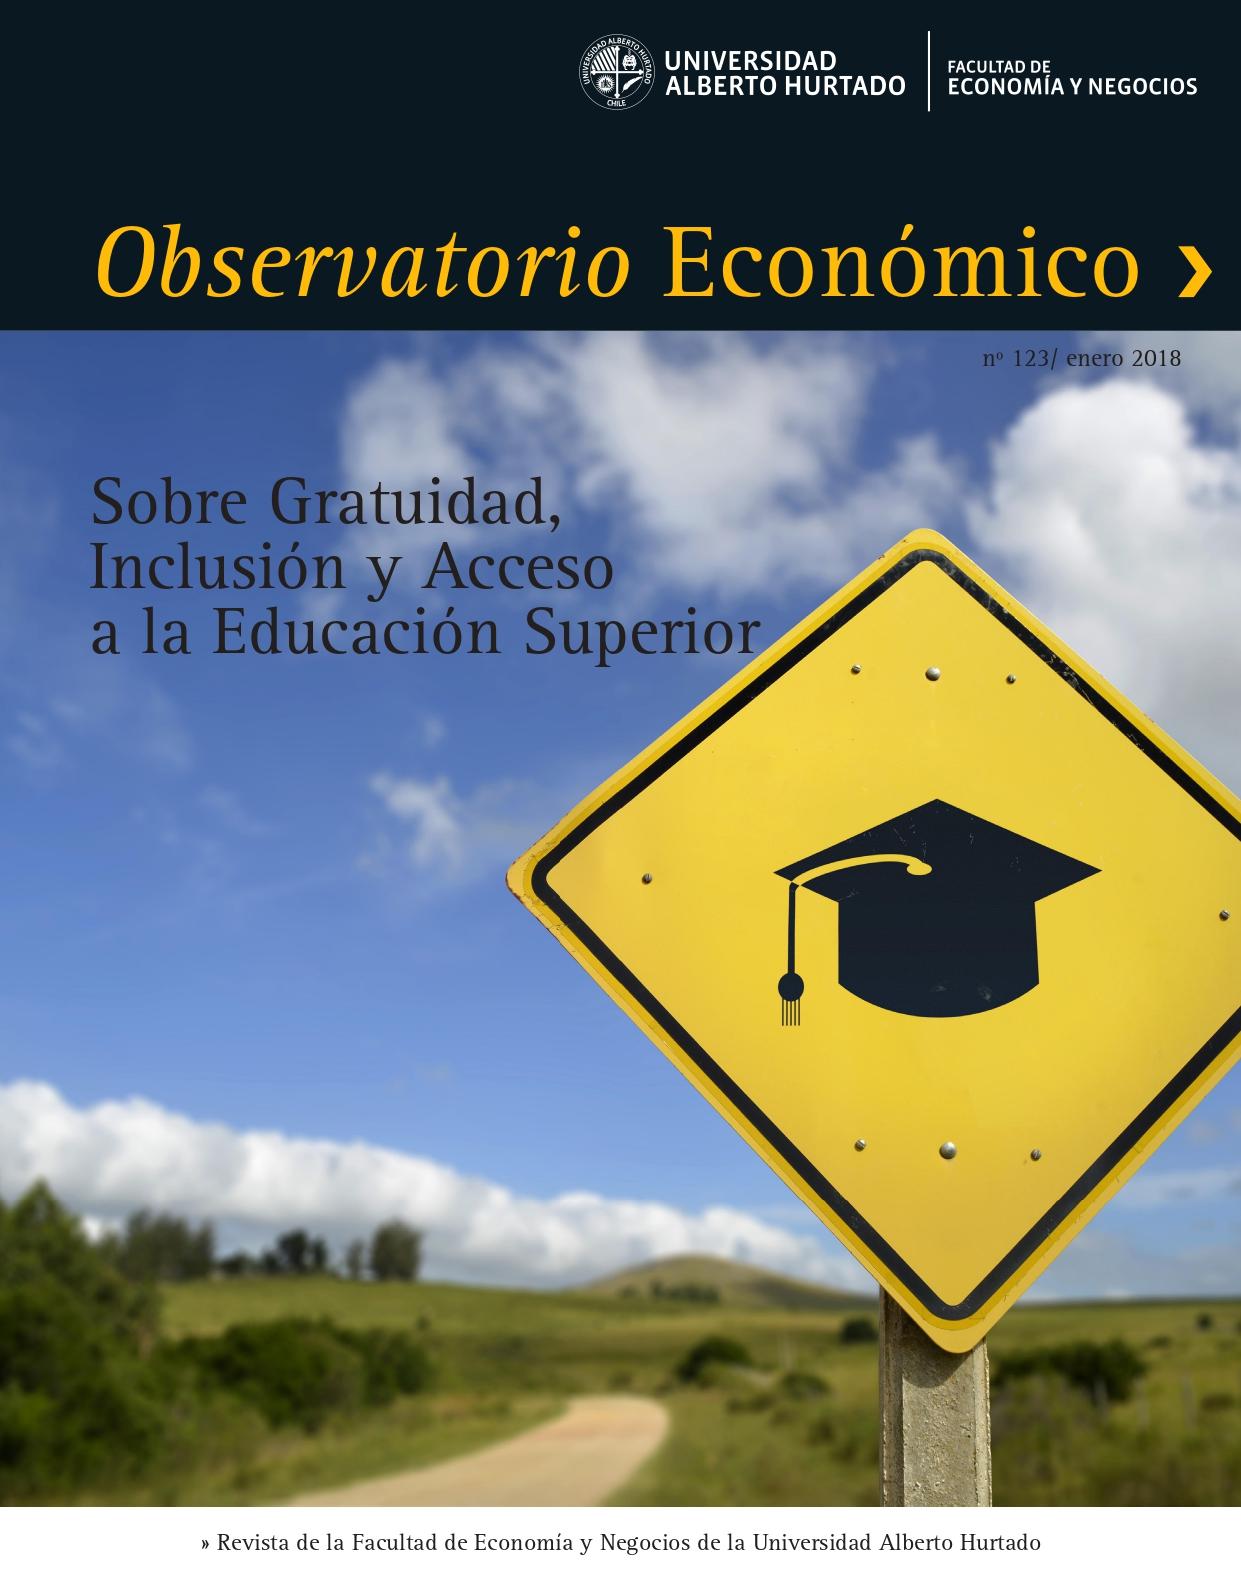 """Título del número de la revista : """"Sobre Gratuidad, Inclusión y Acceso a la Educación Superior"""""""